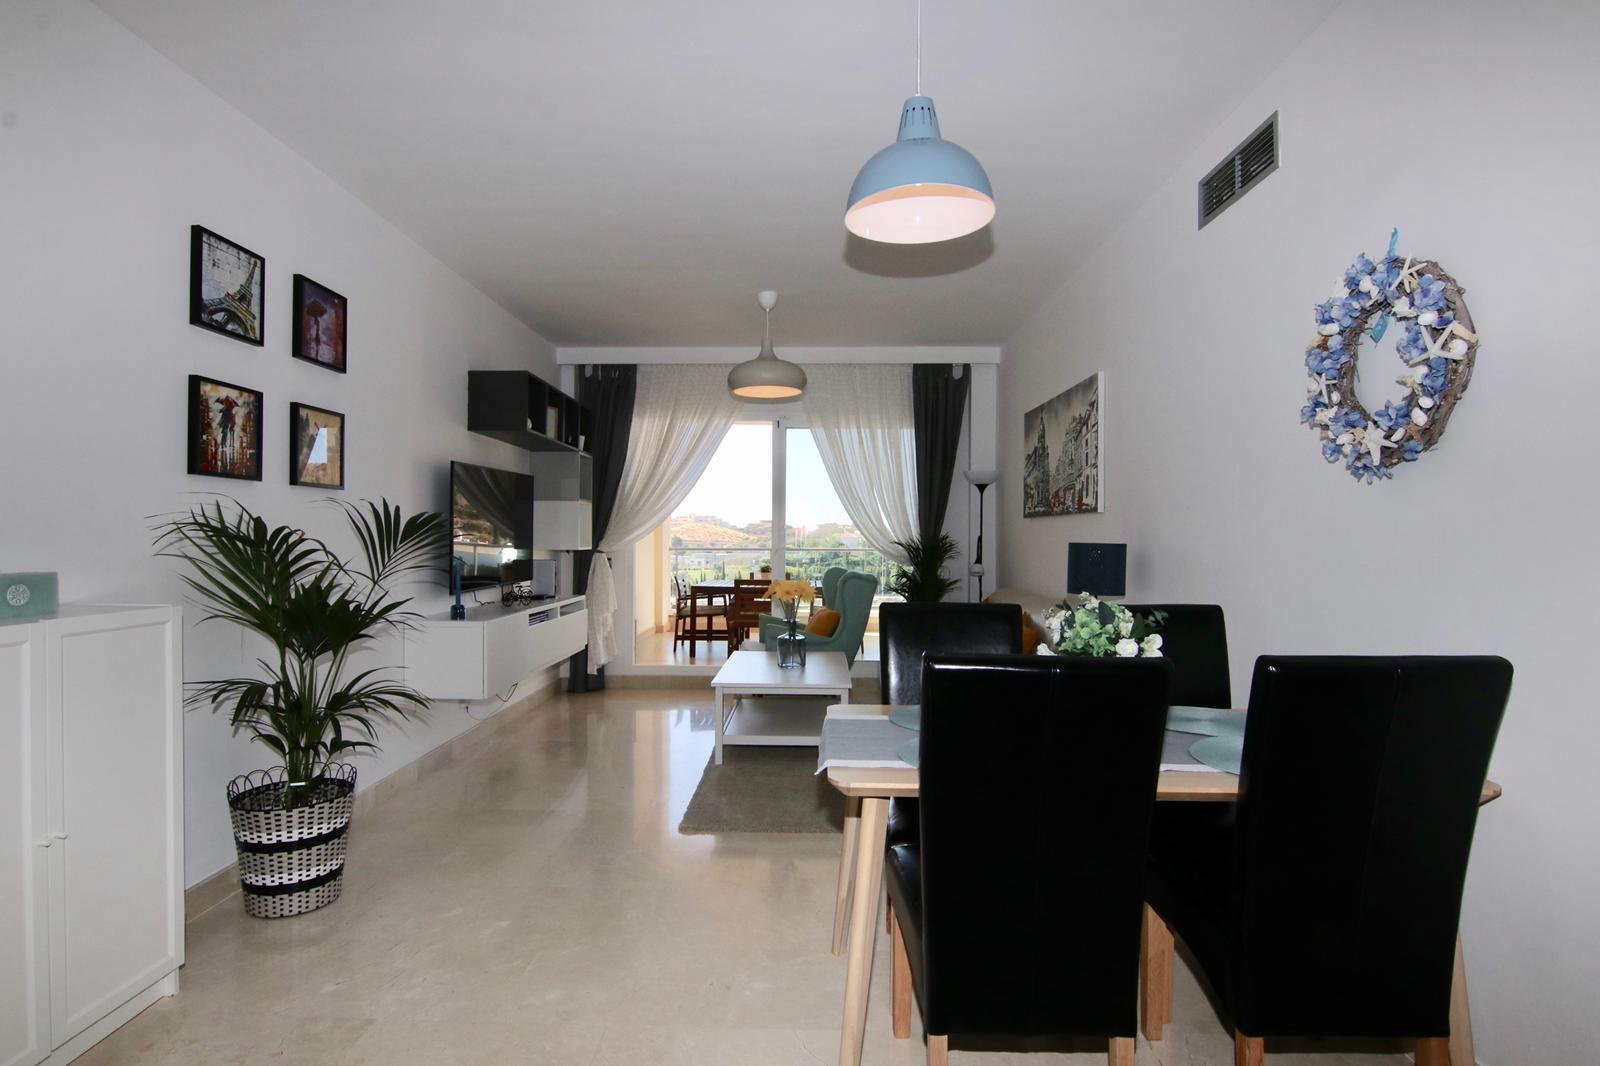 pohled na jídelní kout s jídelním stolem, obývací pokoj s TV, květinou a venkovním balkonem